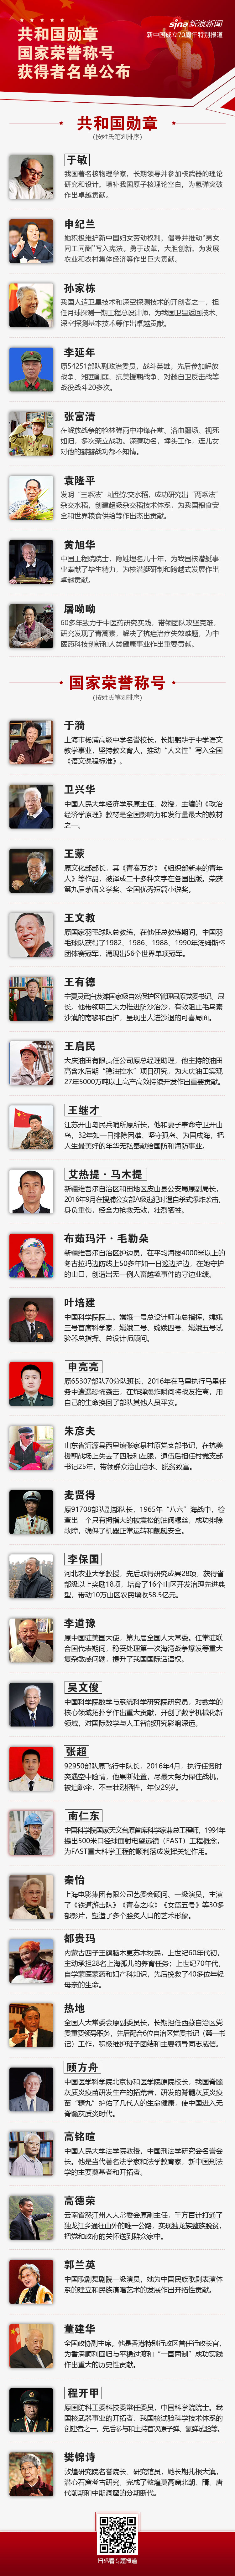 """大发极速赛车计划群_""""共和国勋章""""和""""国家荣誉称号""""获得者名单全收录"""